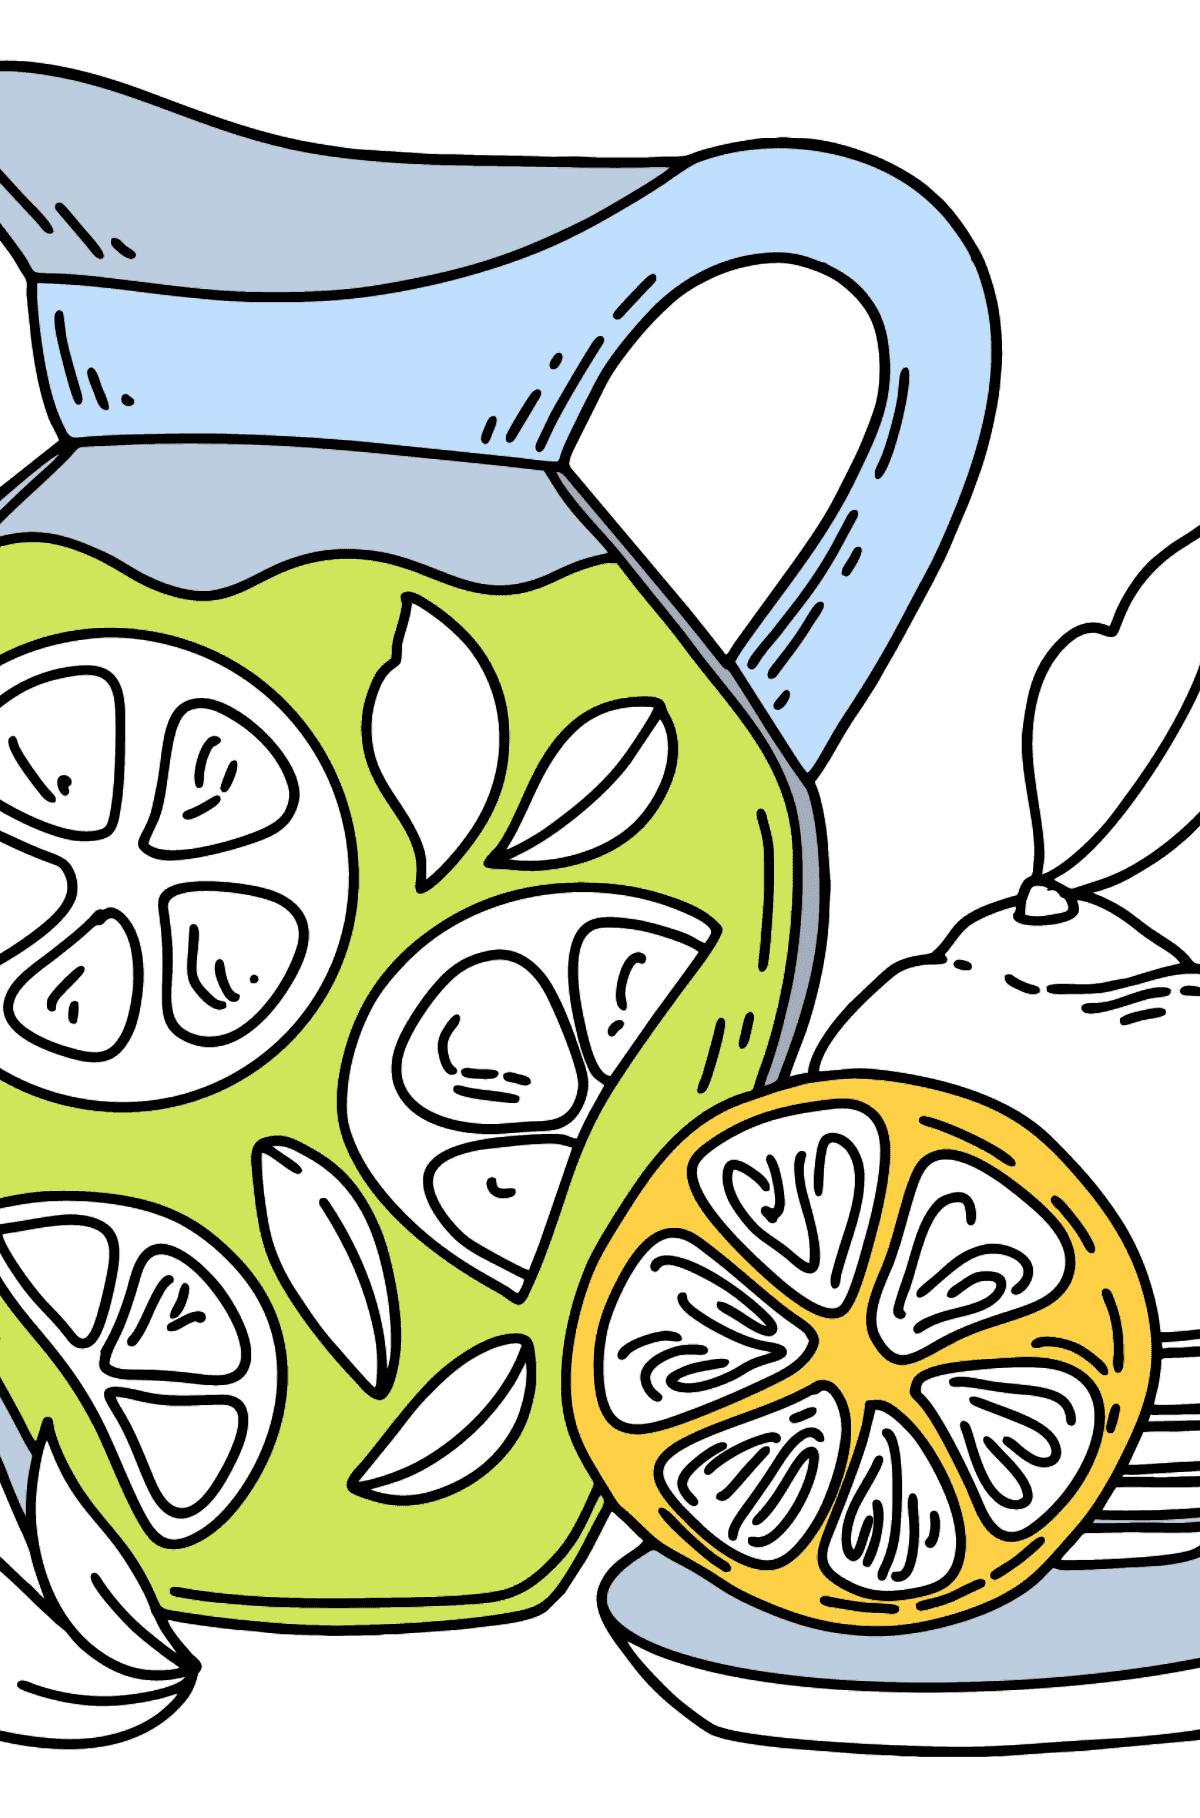 Desenho para colorir Limonada em um Jarro - Imagens para Colorir para Crianças